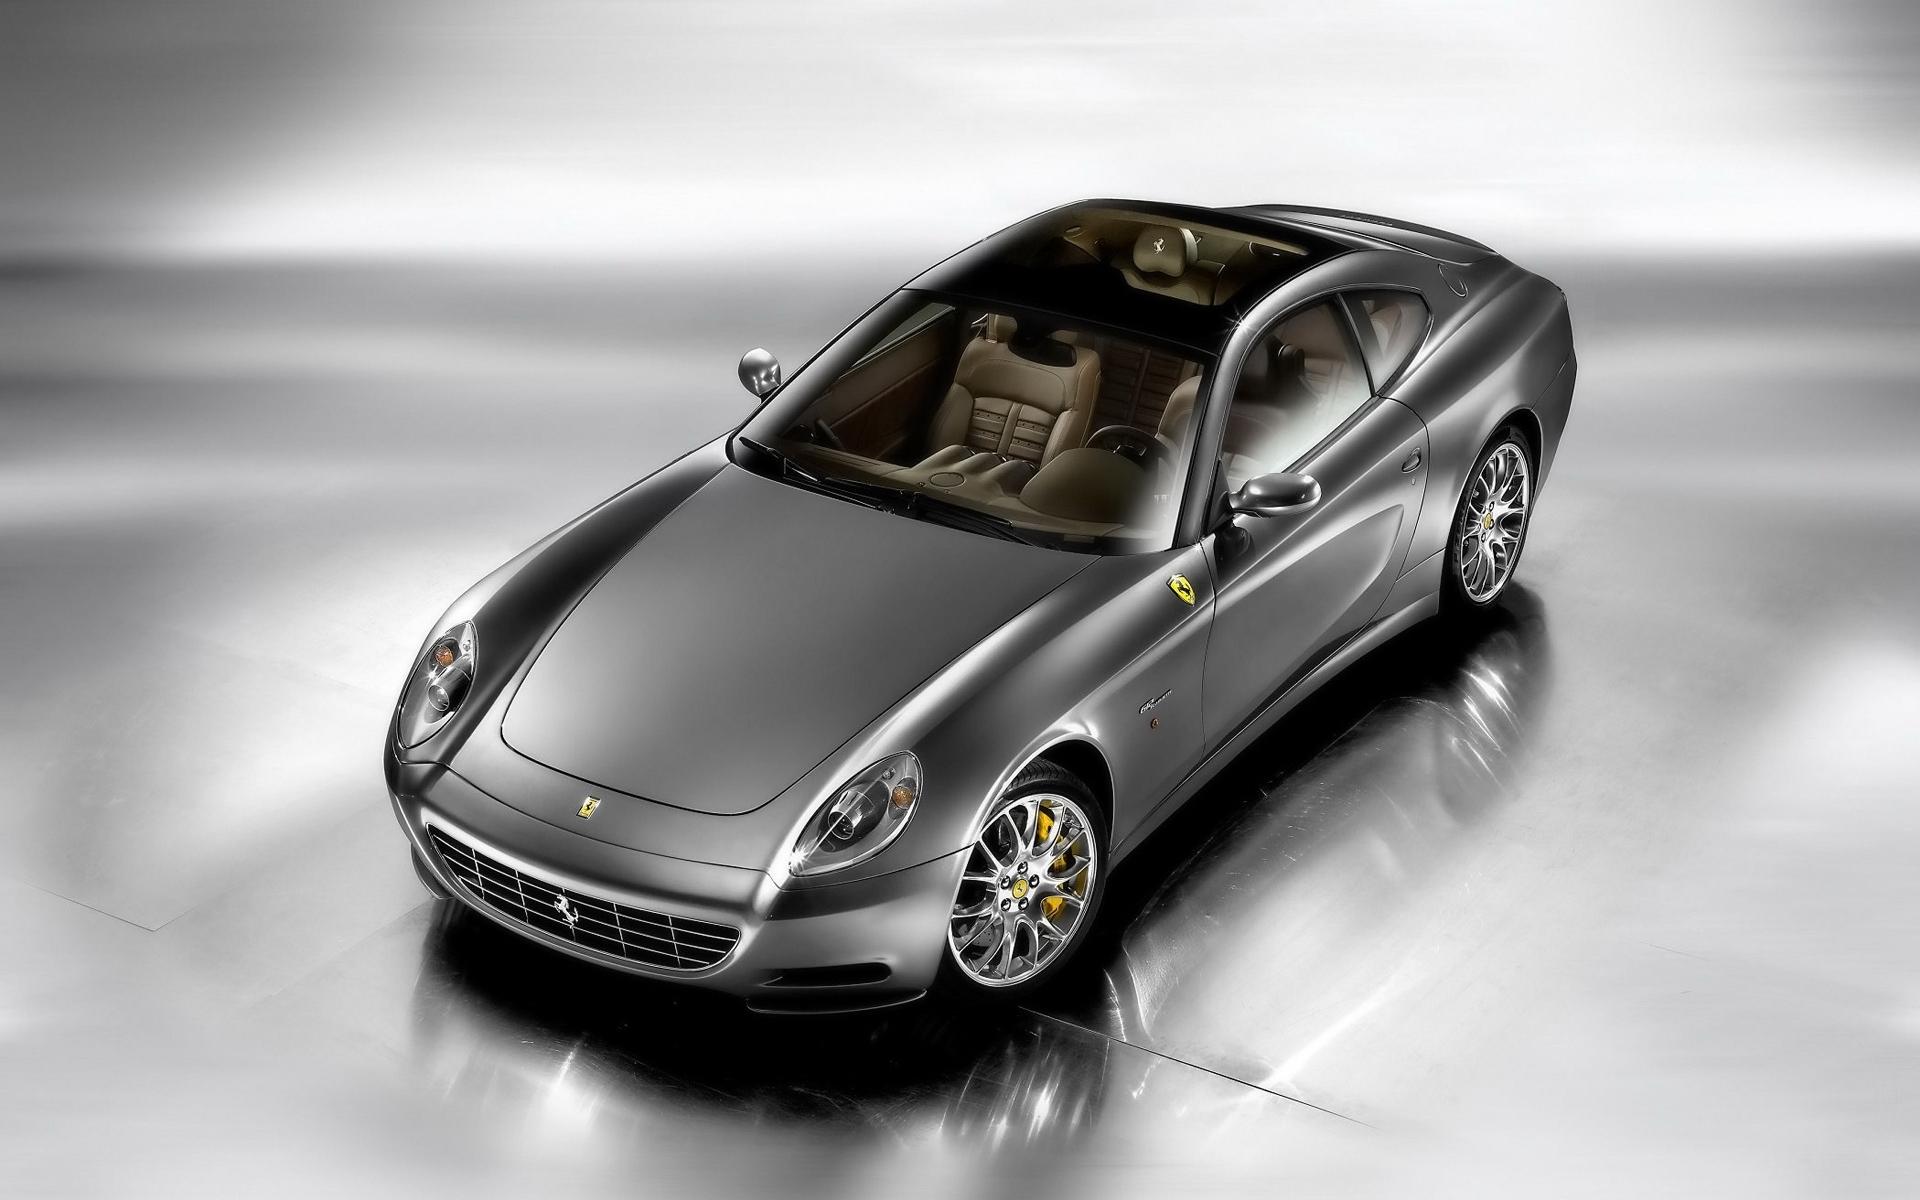 26620 скачать обои Транспорт, Машины, Феррари (Ferrari) - заставки и картинки бесплатно